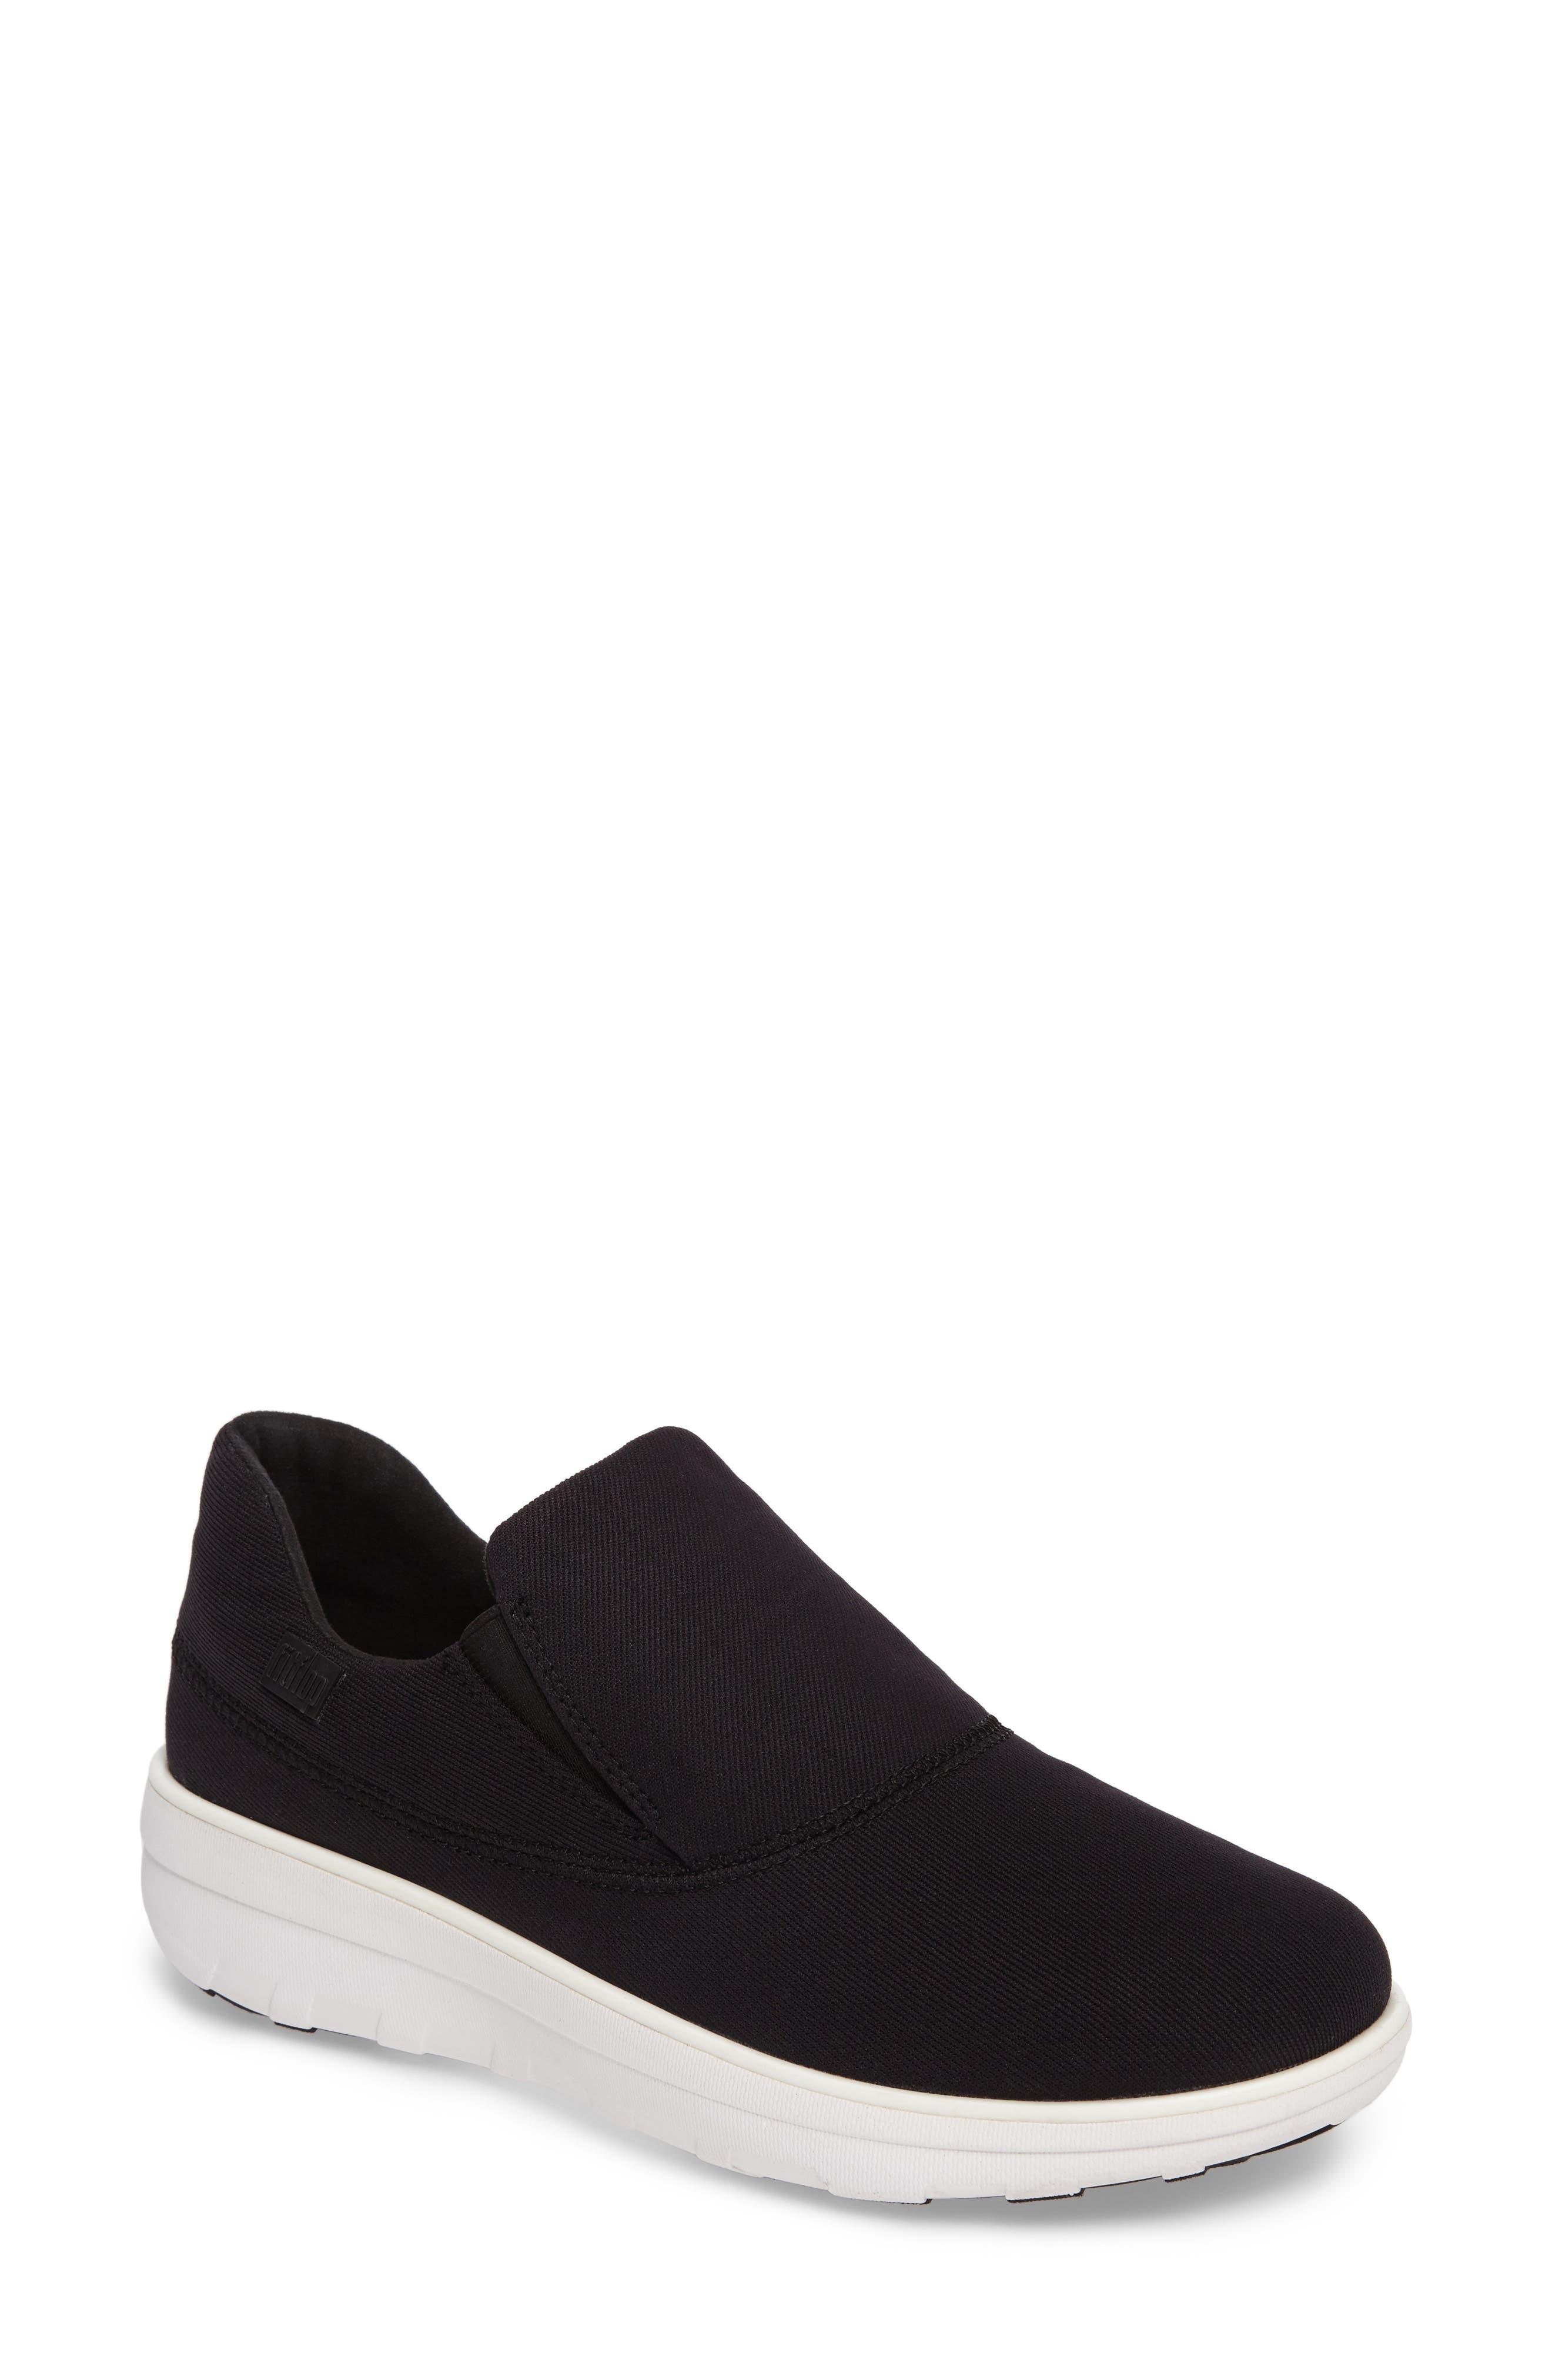 Main Image - FitFlop Loaff Platform Slip-On Sneaker (Women)